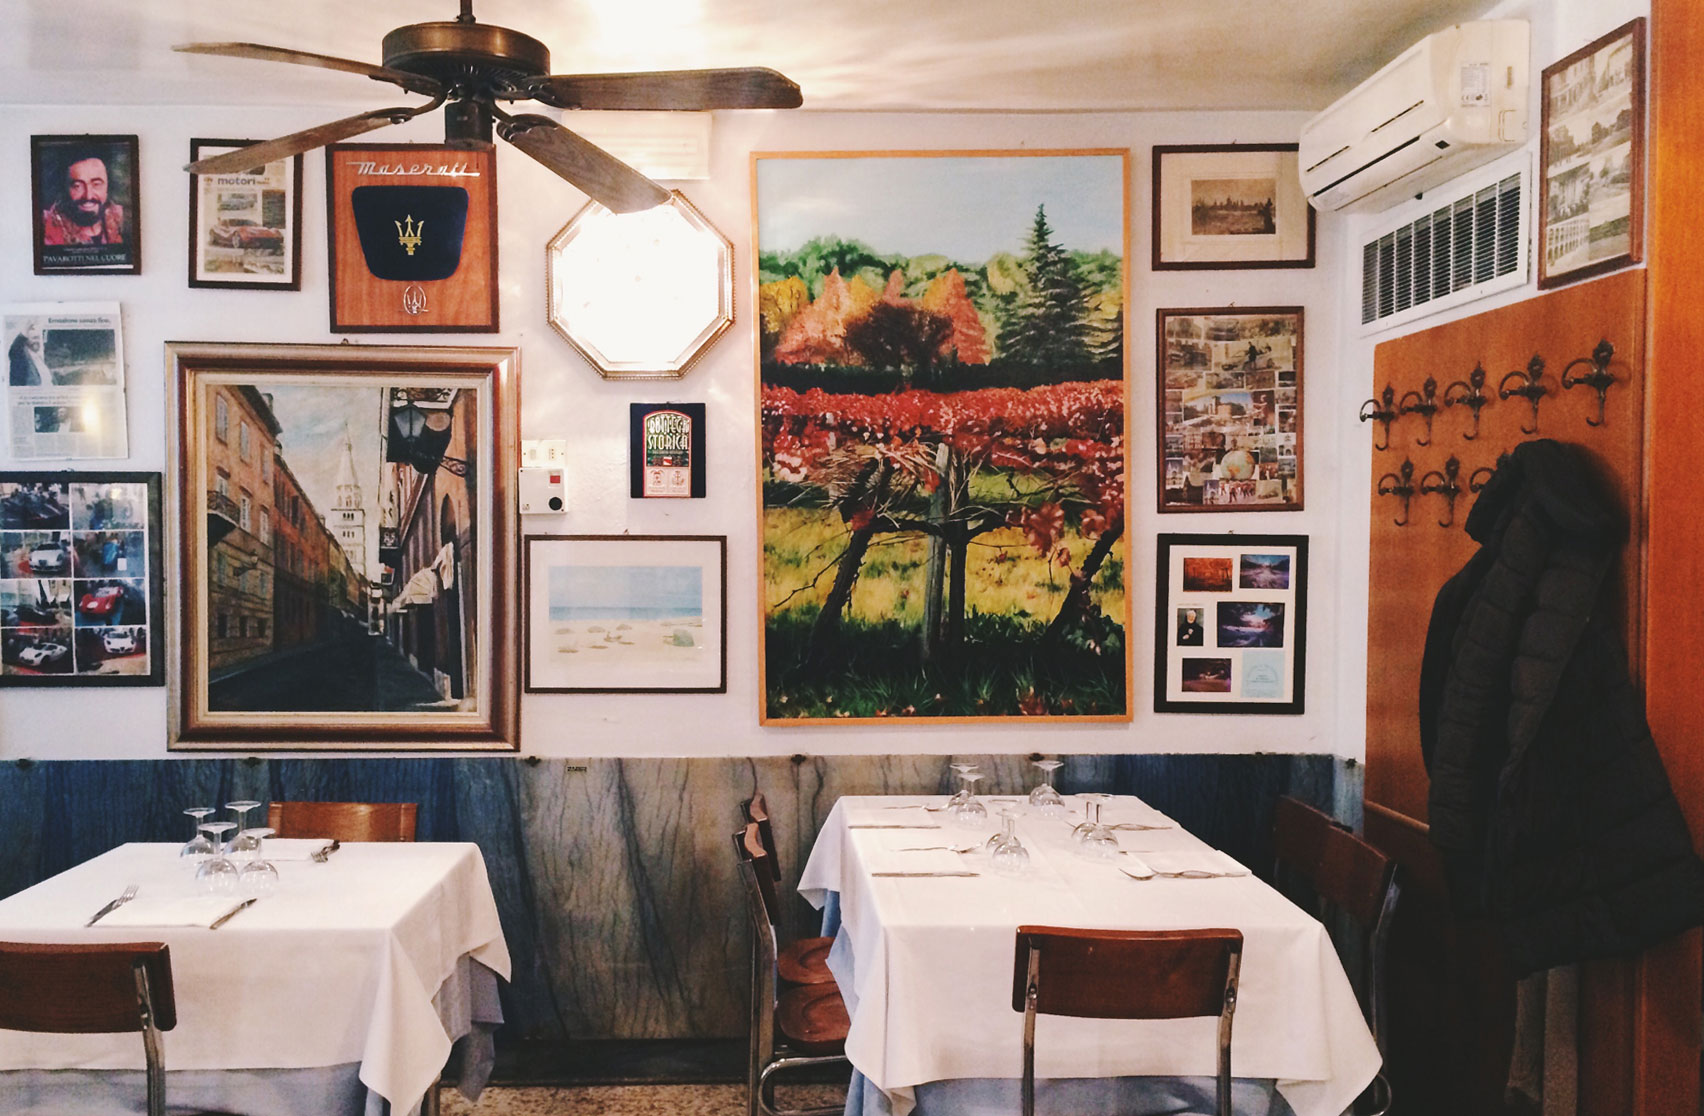 ristoranti tipici modena Trattoria da Omer MyModenaDiary